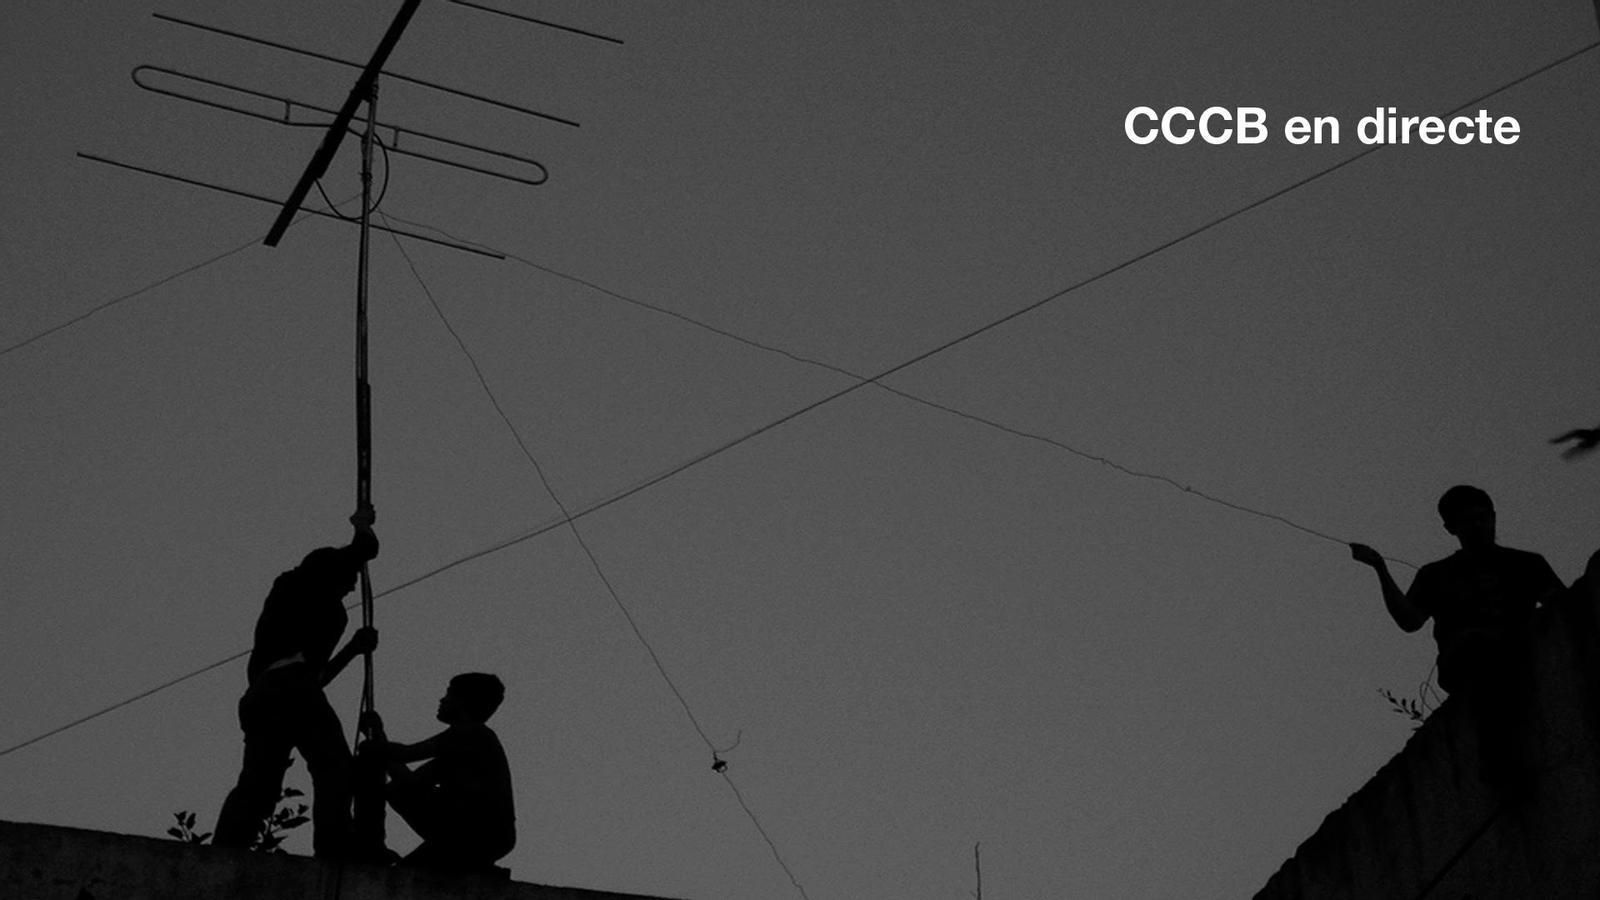 Retransmissió des del CCCB